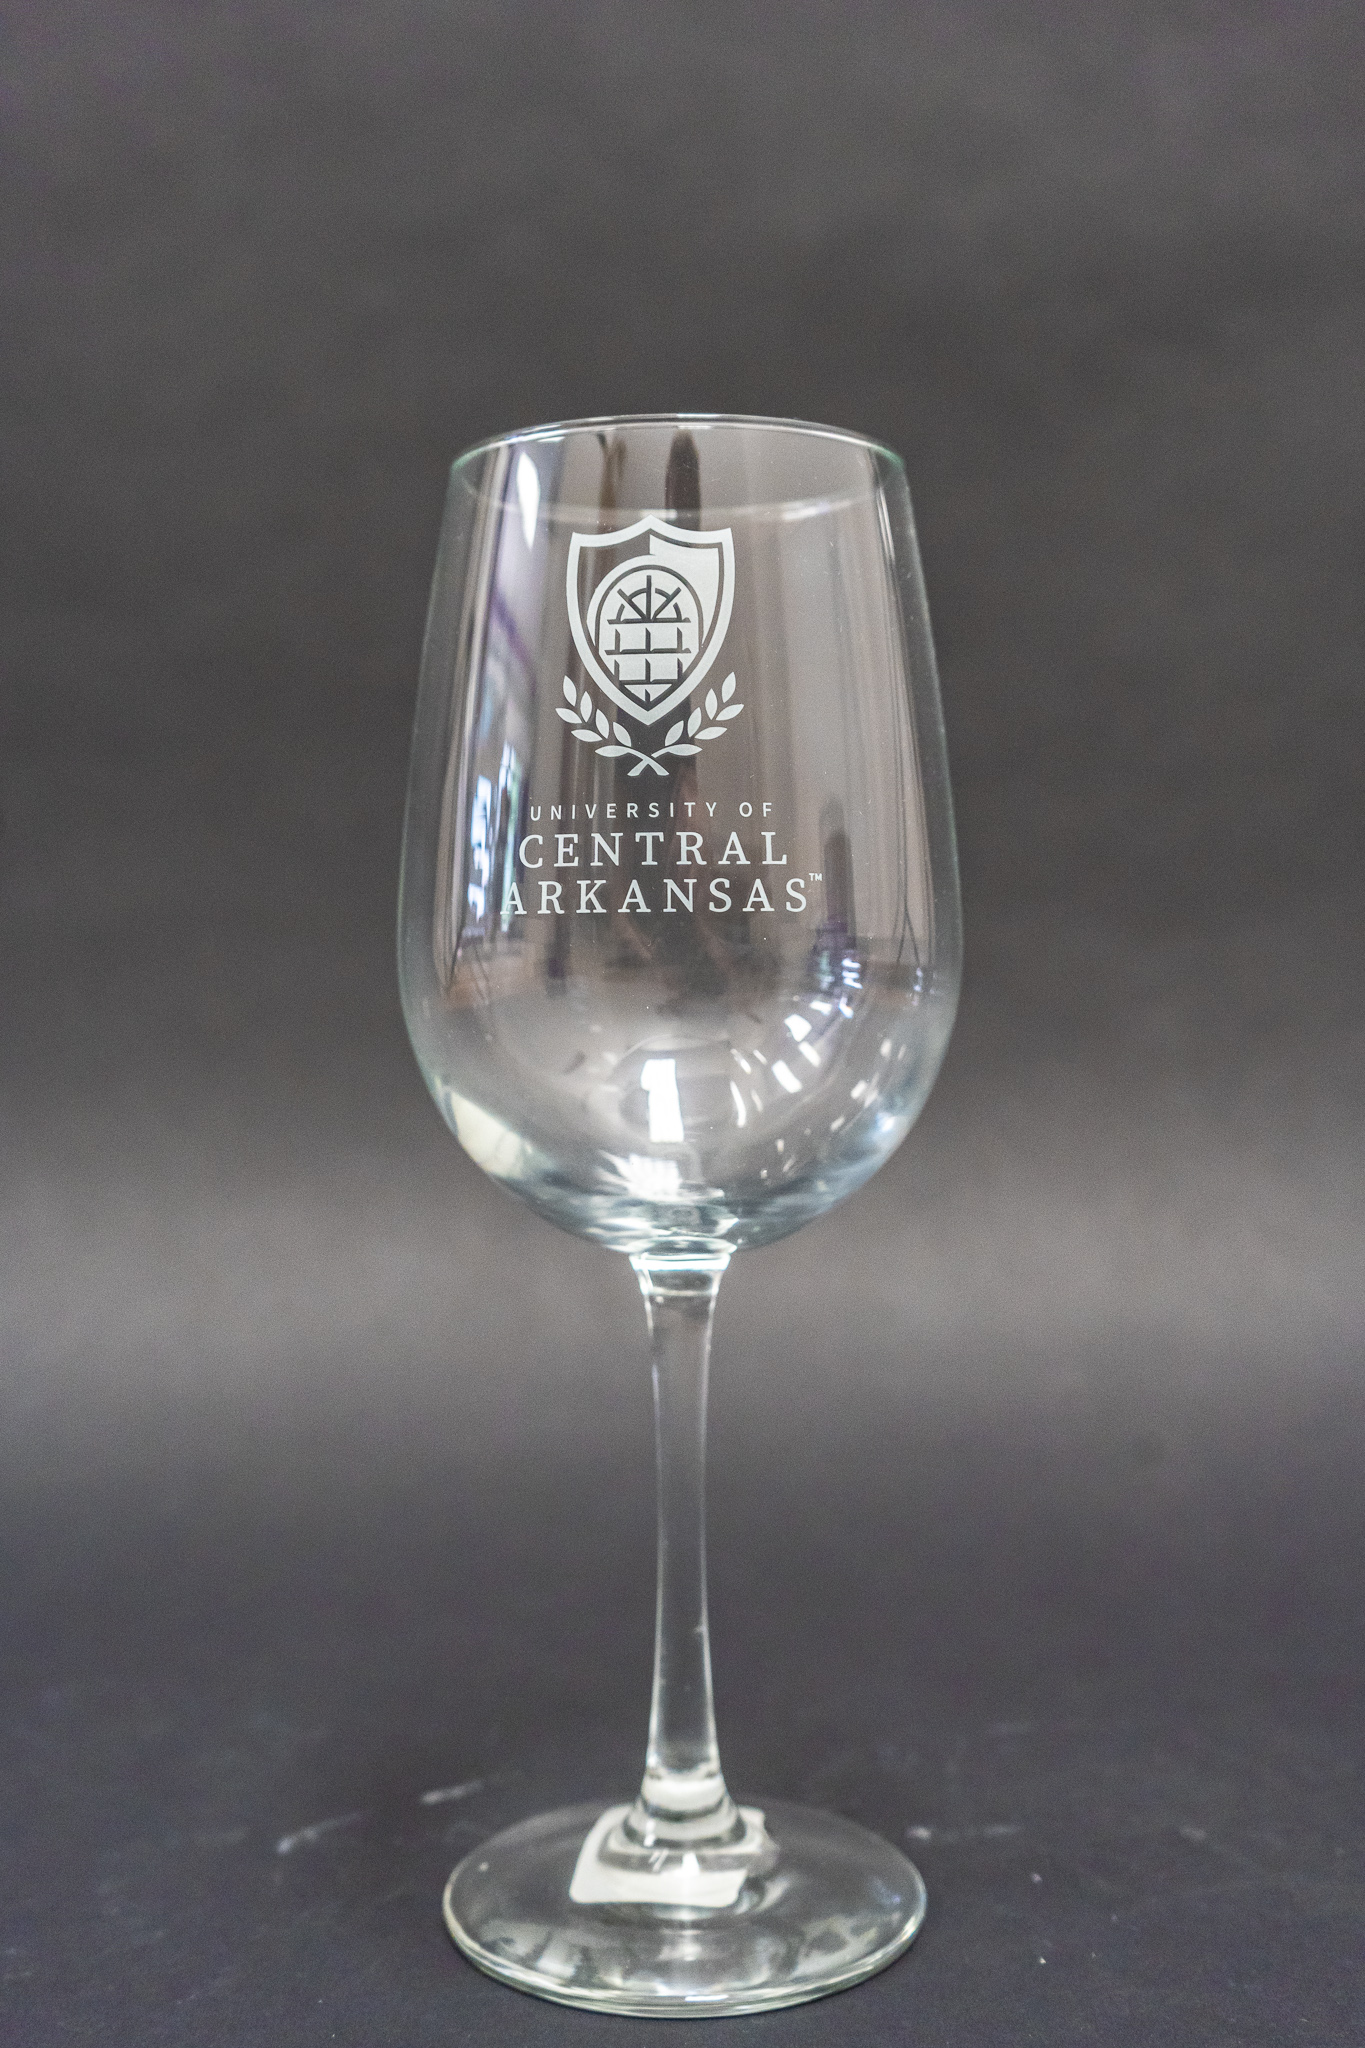 UCA Vina Wine Glass